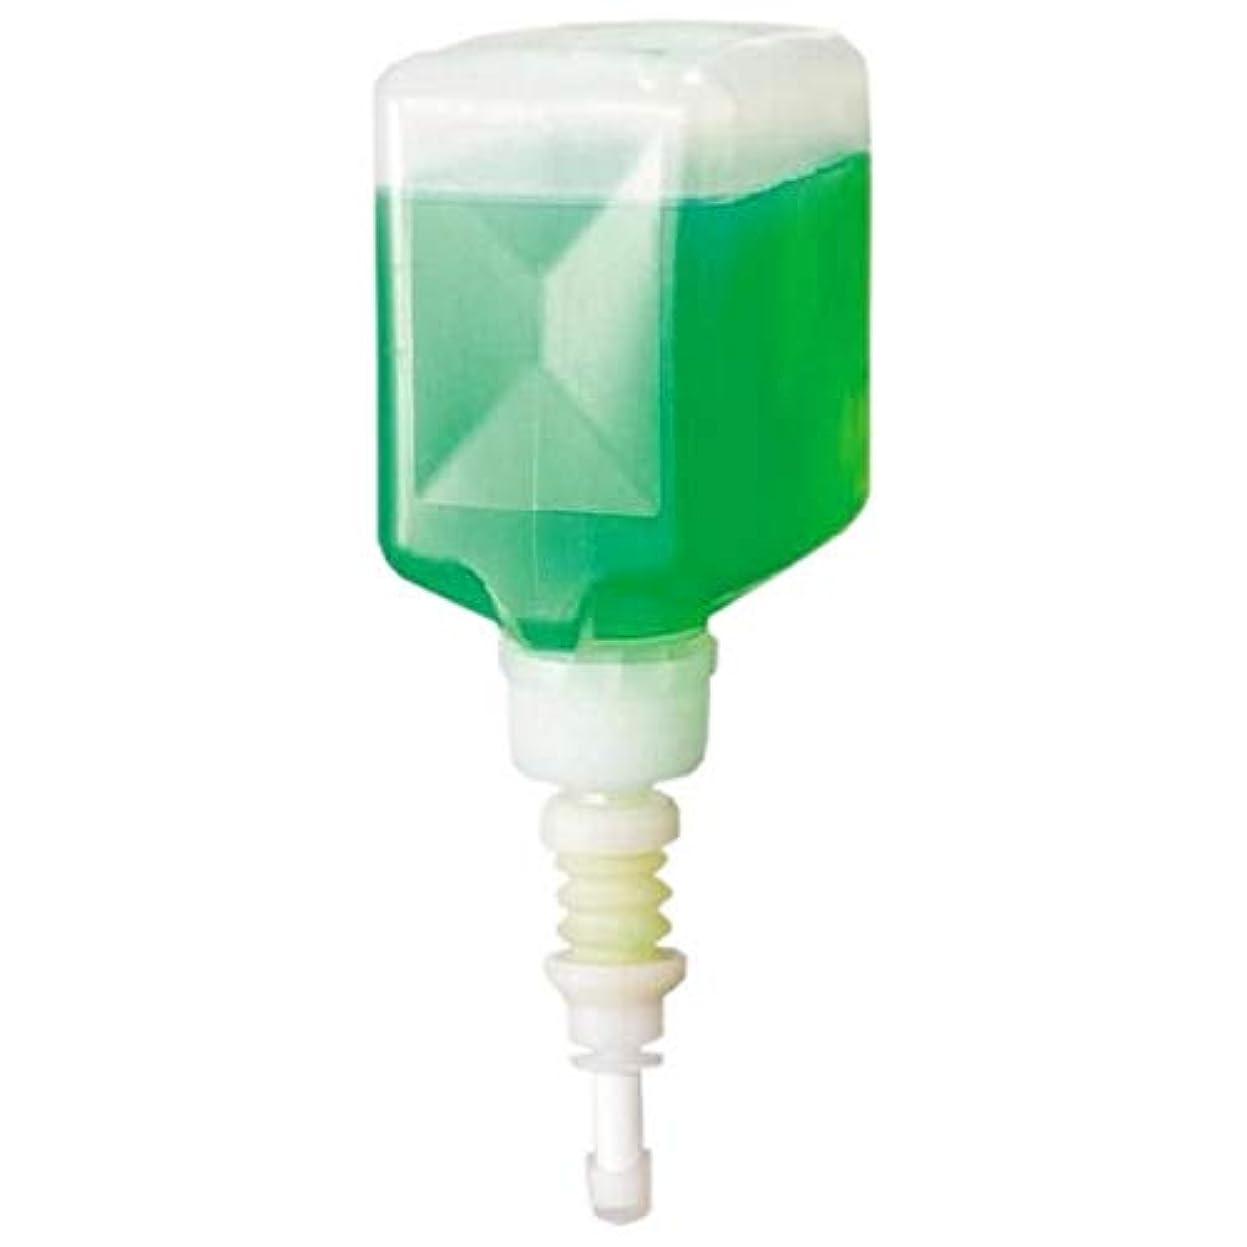 面白いサイレント妨げるスタイルデコ シャボネット石けん液Fデコ専用薬液 緑色